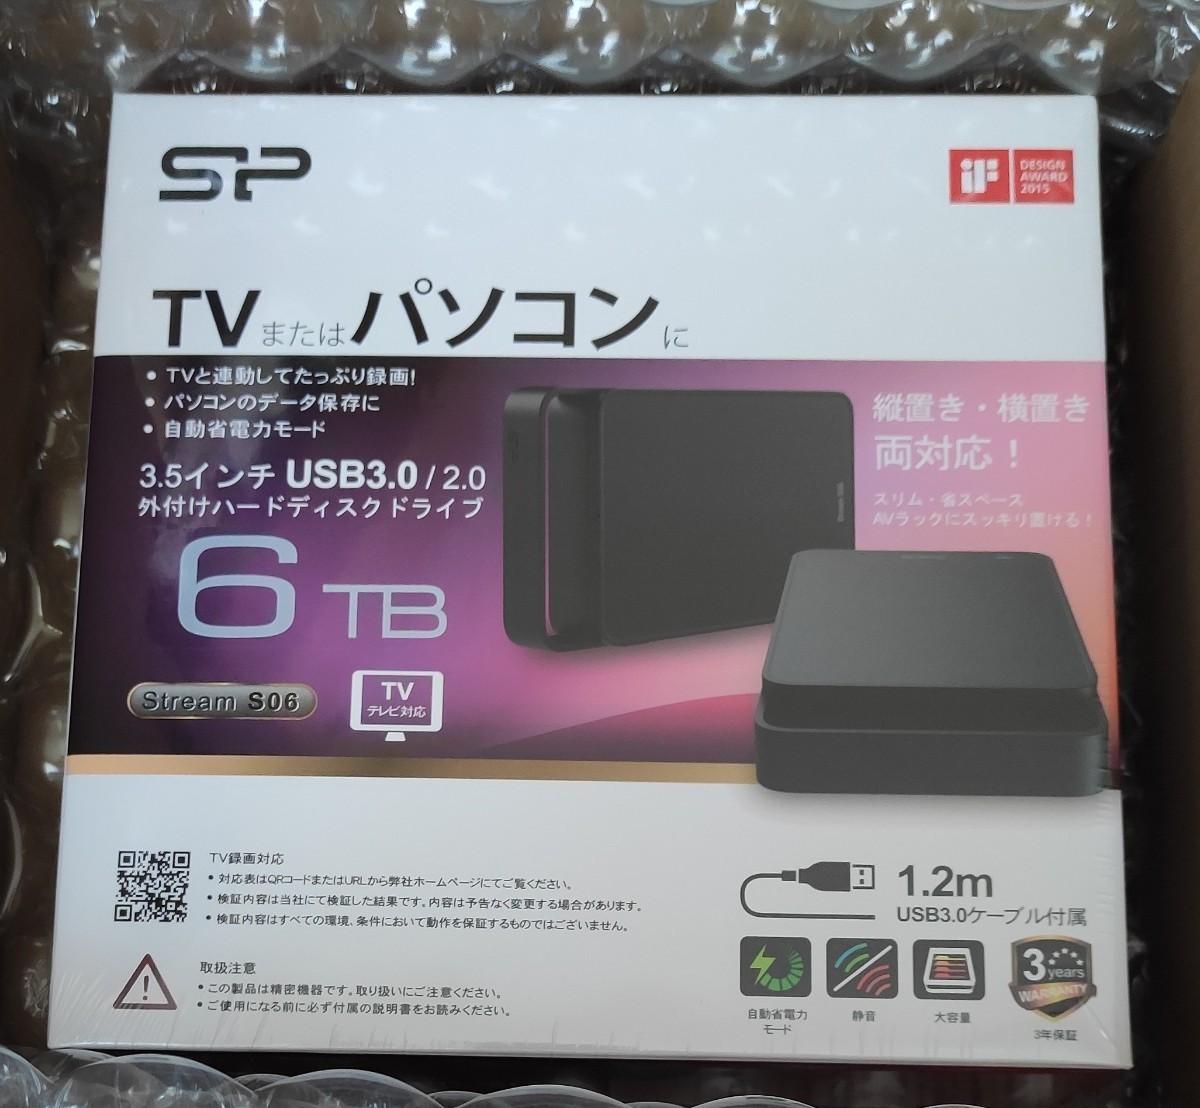 新品未開封品 6TB 外付けHDD 外付けハードディスク シリコンパワー